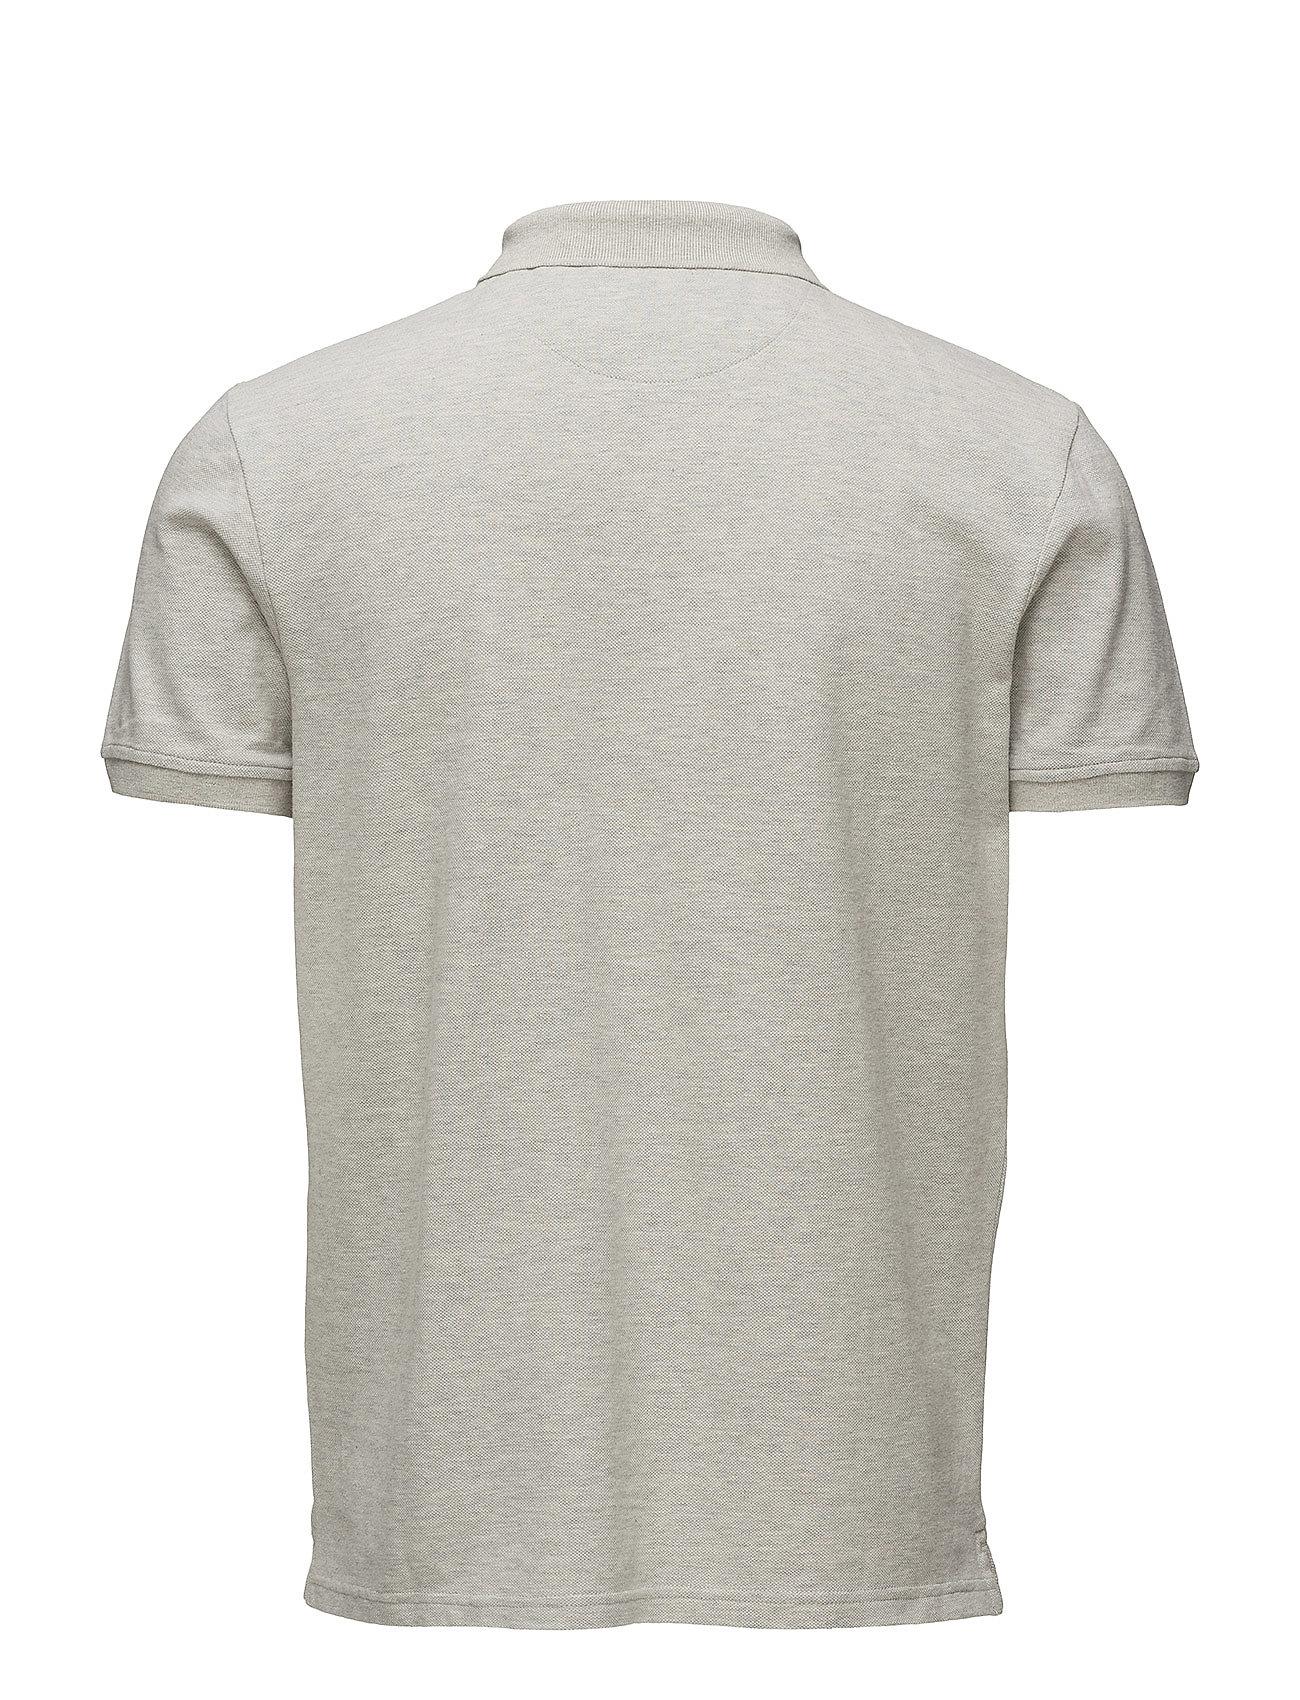 Scott Polo Grey Polo MarlLyleamp; Scott Shirtlight Grey Polo Shirtlight Shirtlight MarlLyleamp; kXZiuTOP